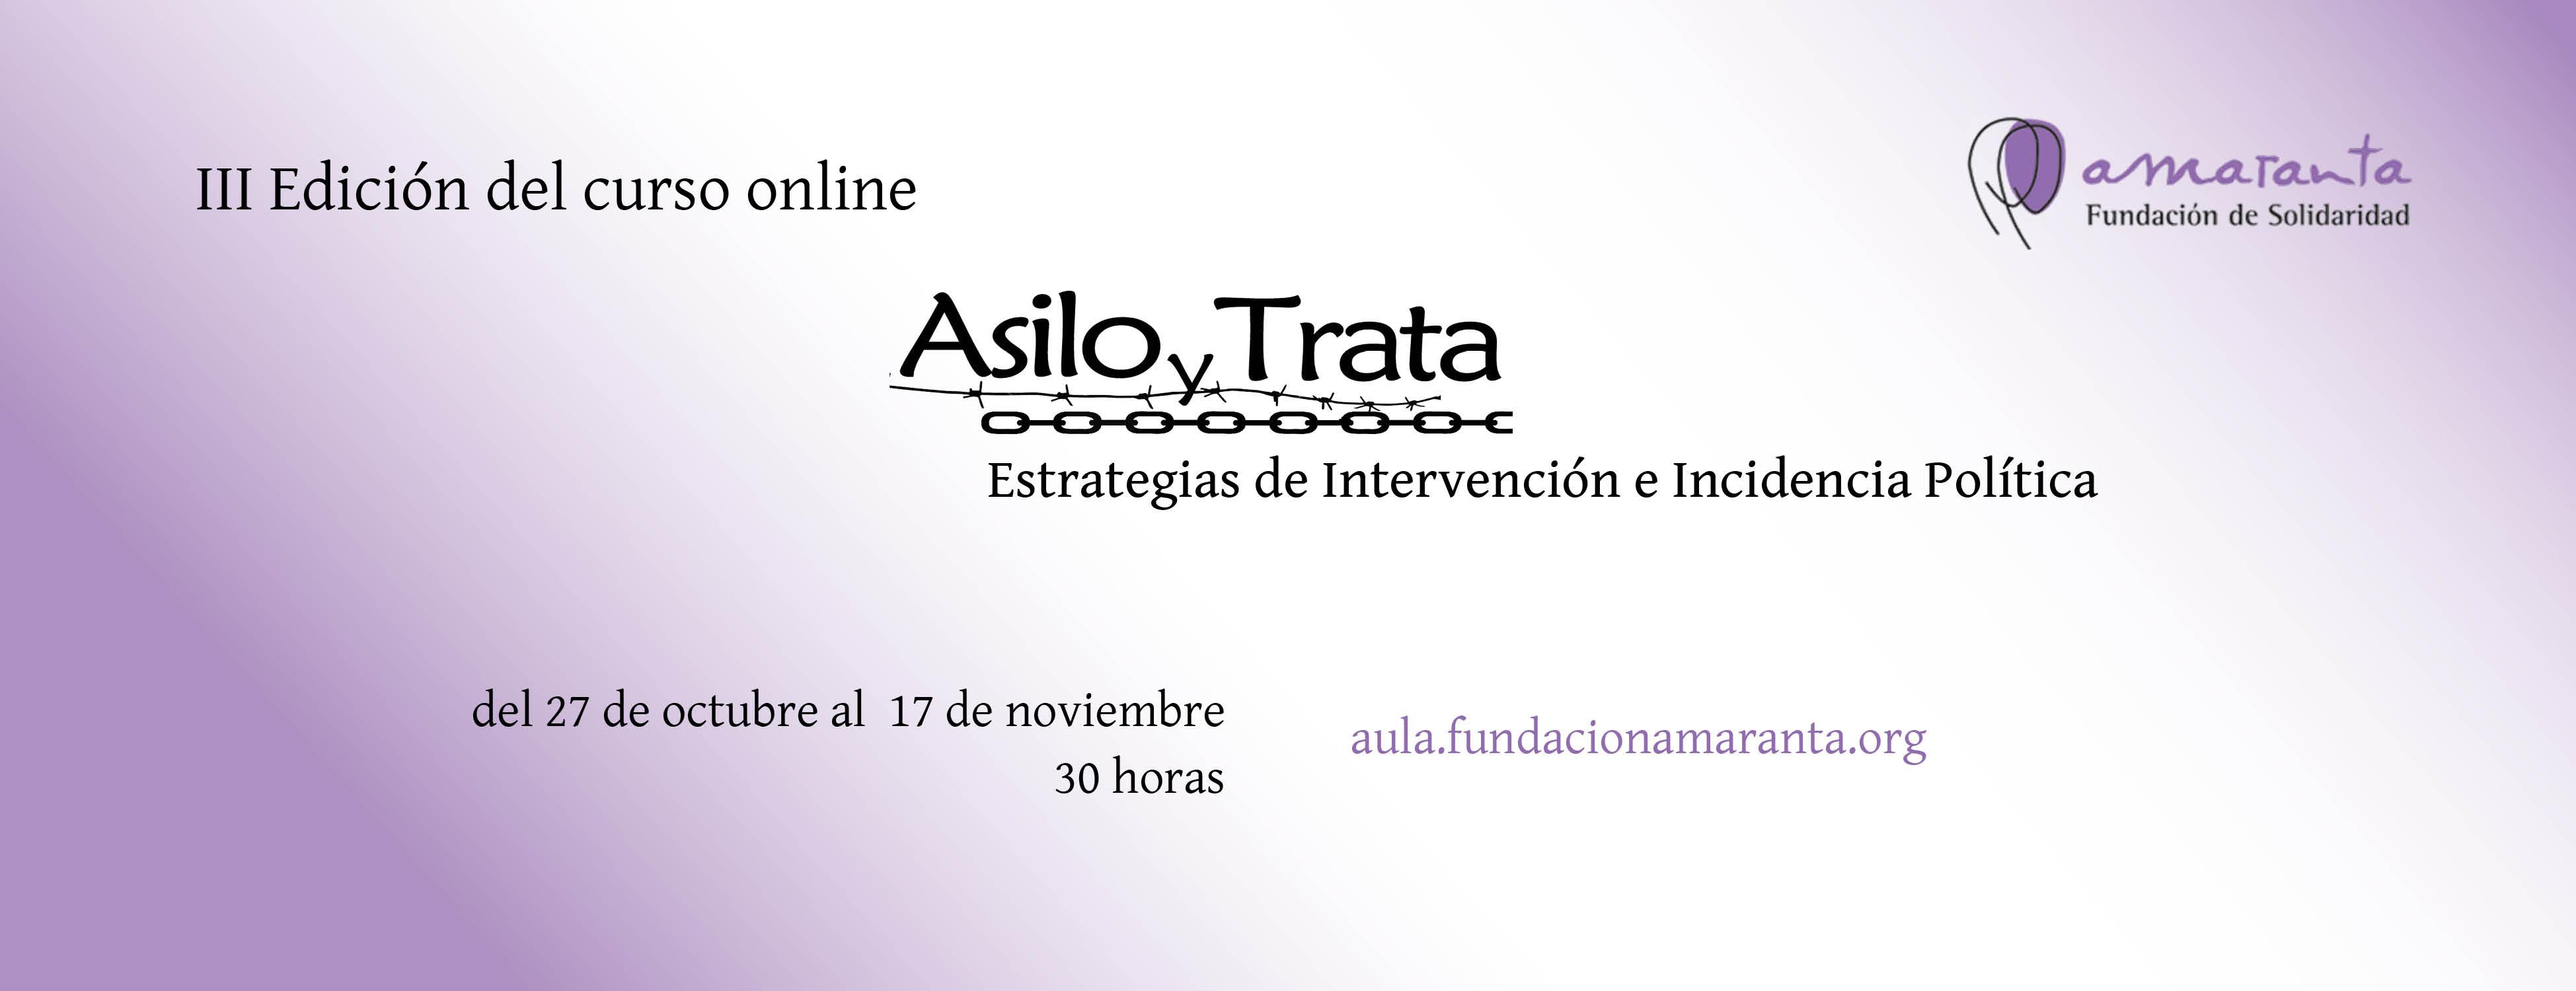 Asilo y Trata_III_Edición